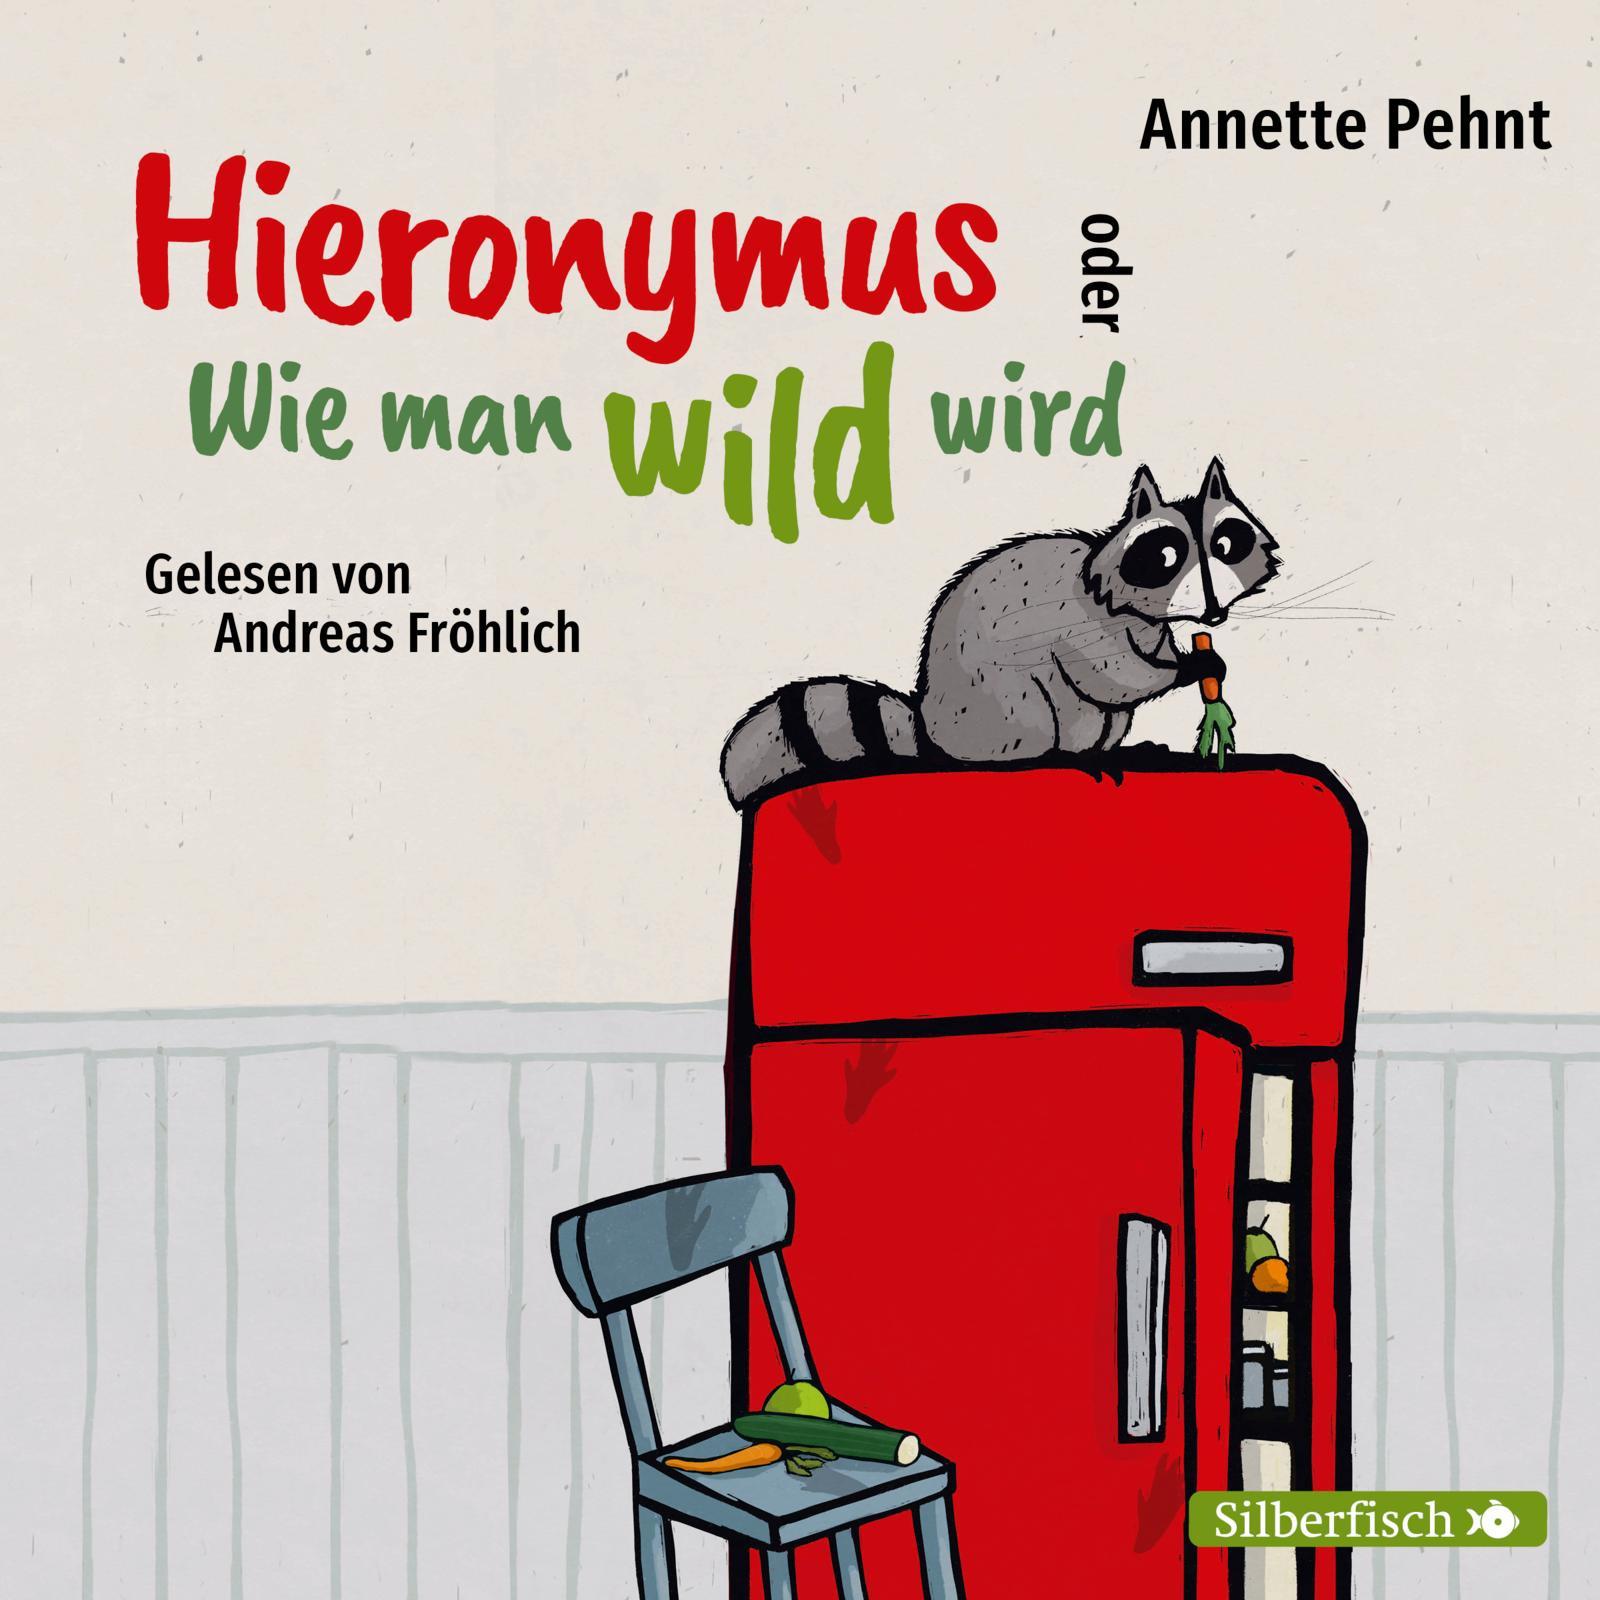 Annette Pehnt - Hieronymus oder Wie man wild wird